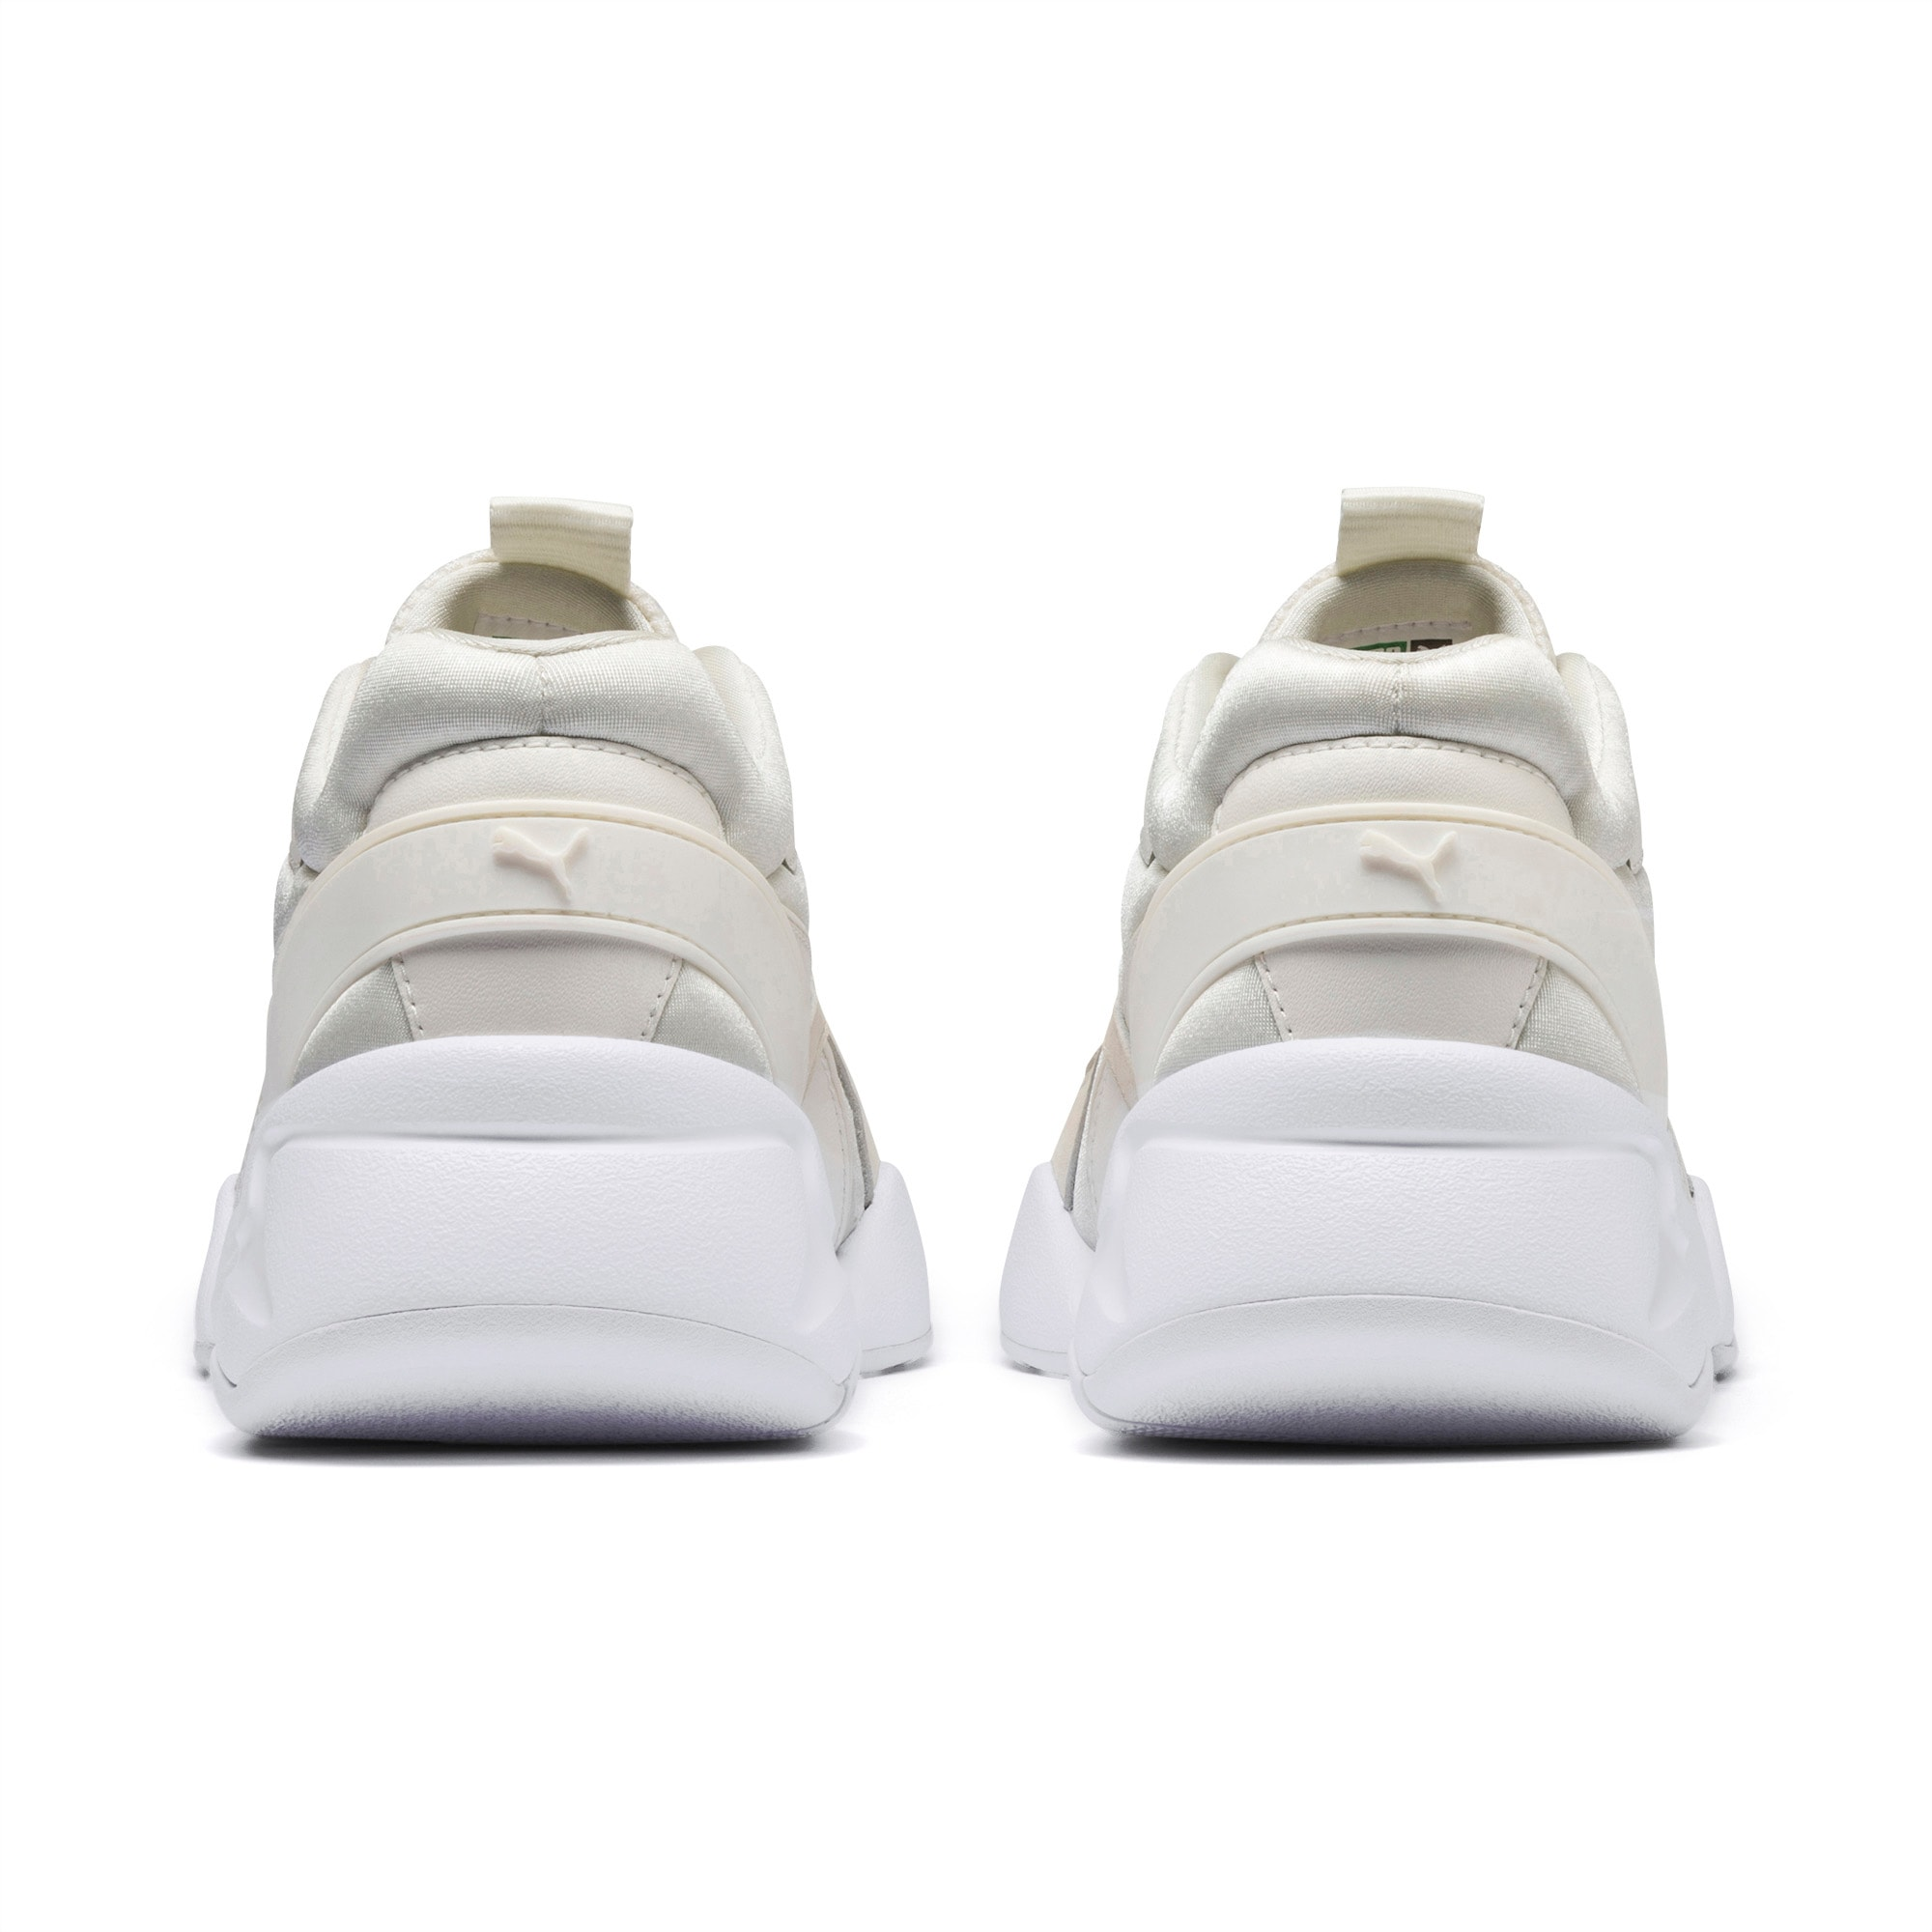 PUMA NOVA GRL BOSS SNEAKERS   Sneakers, Sole sneakers